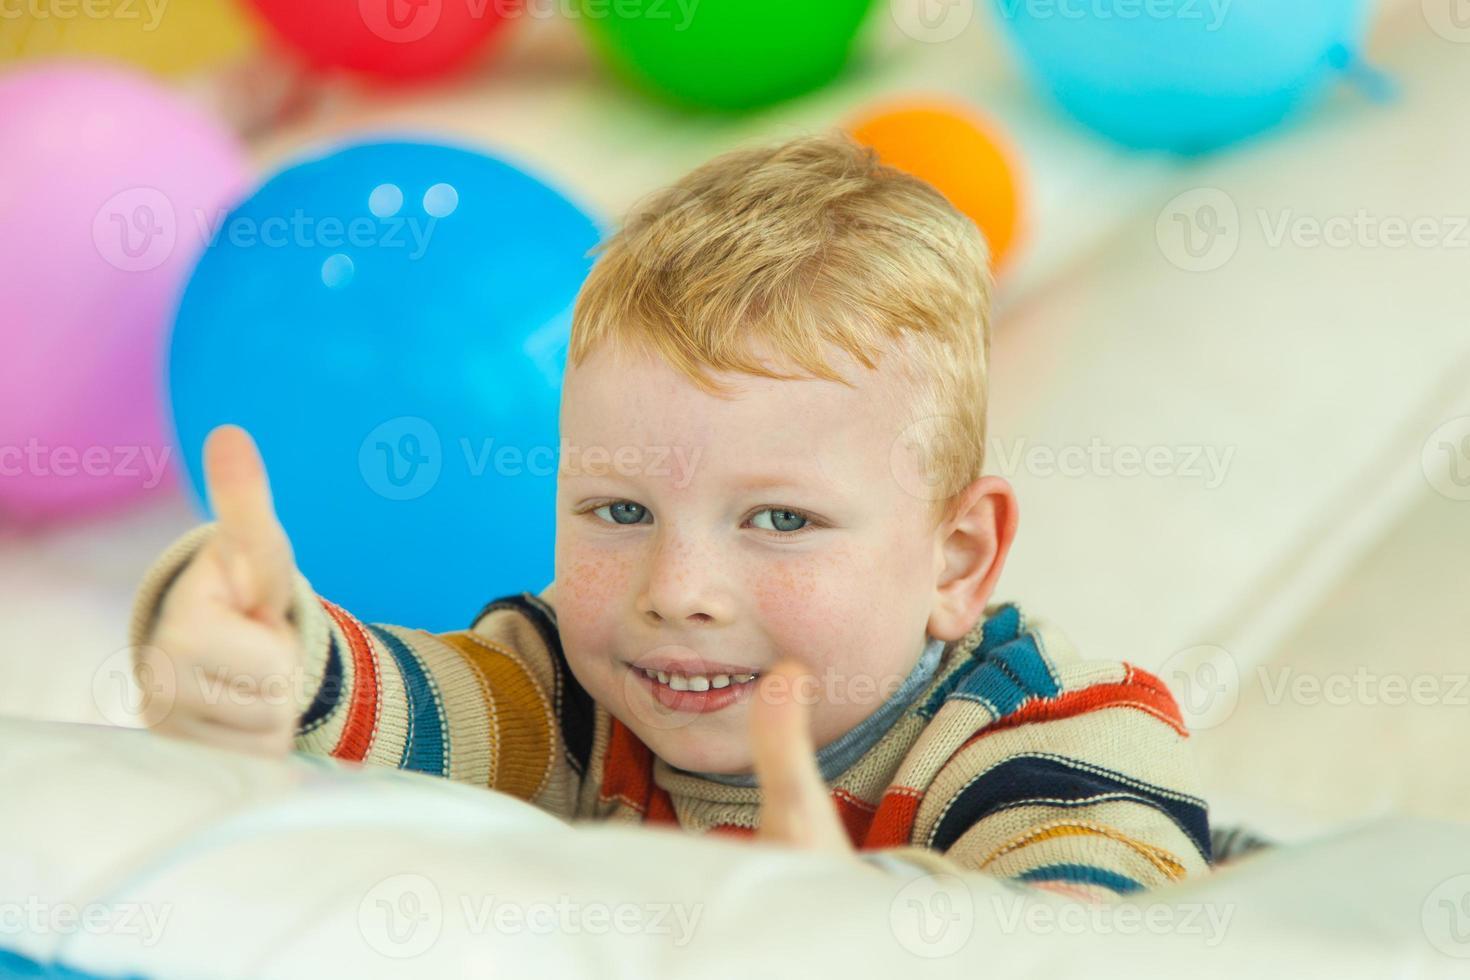 menino deitado no chão rodeado por balões coloridos foto